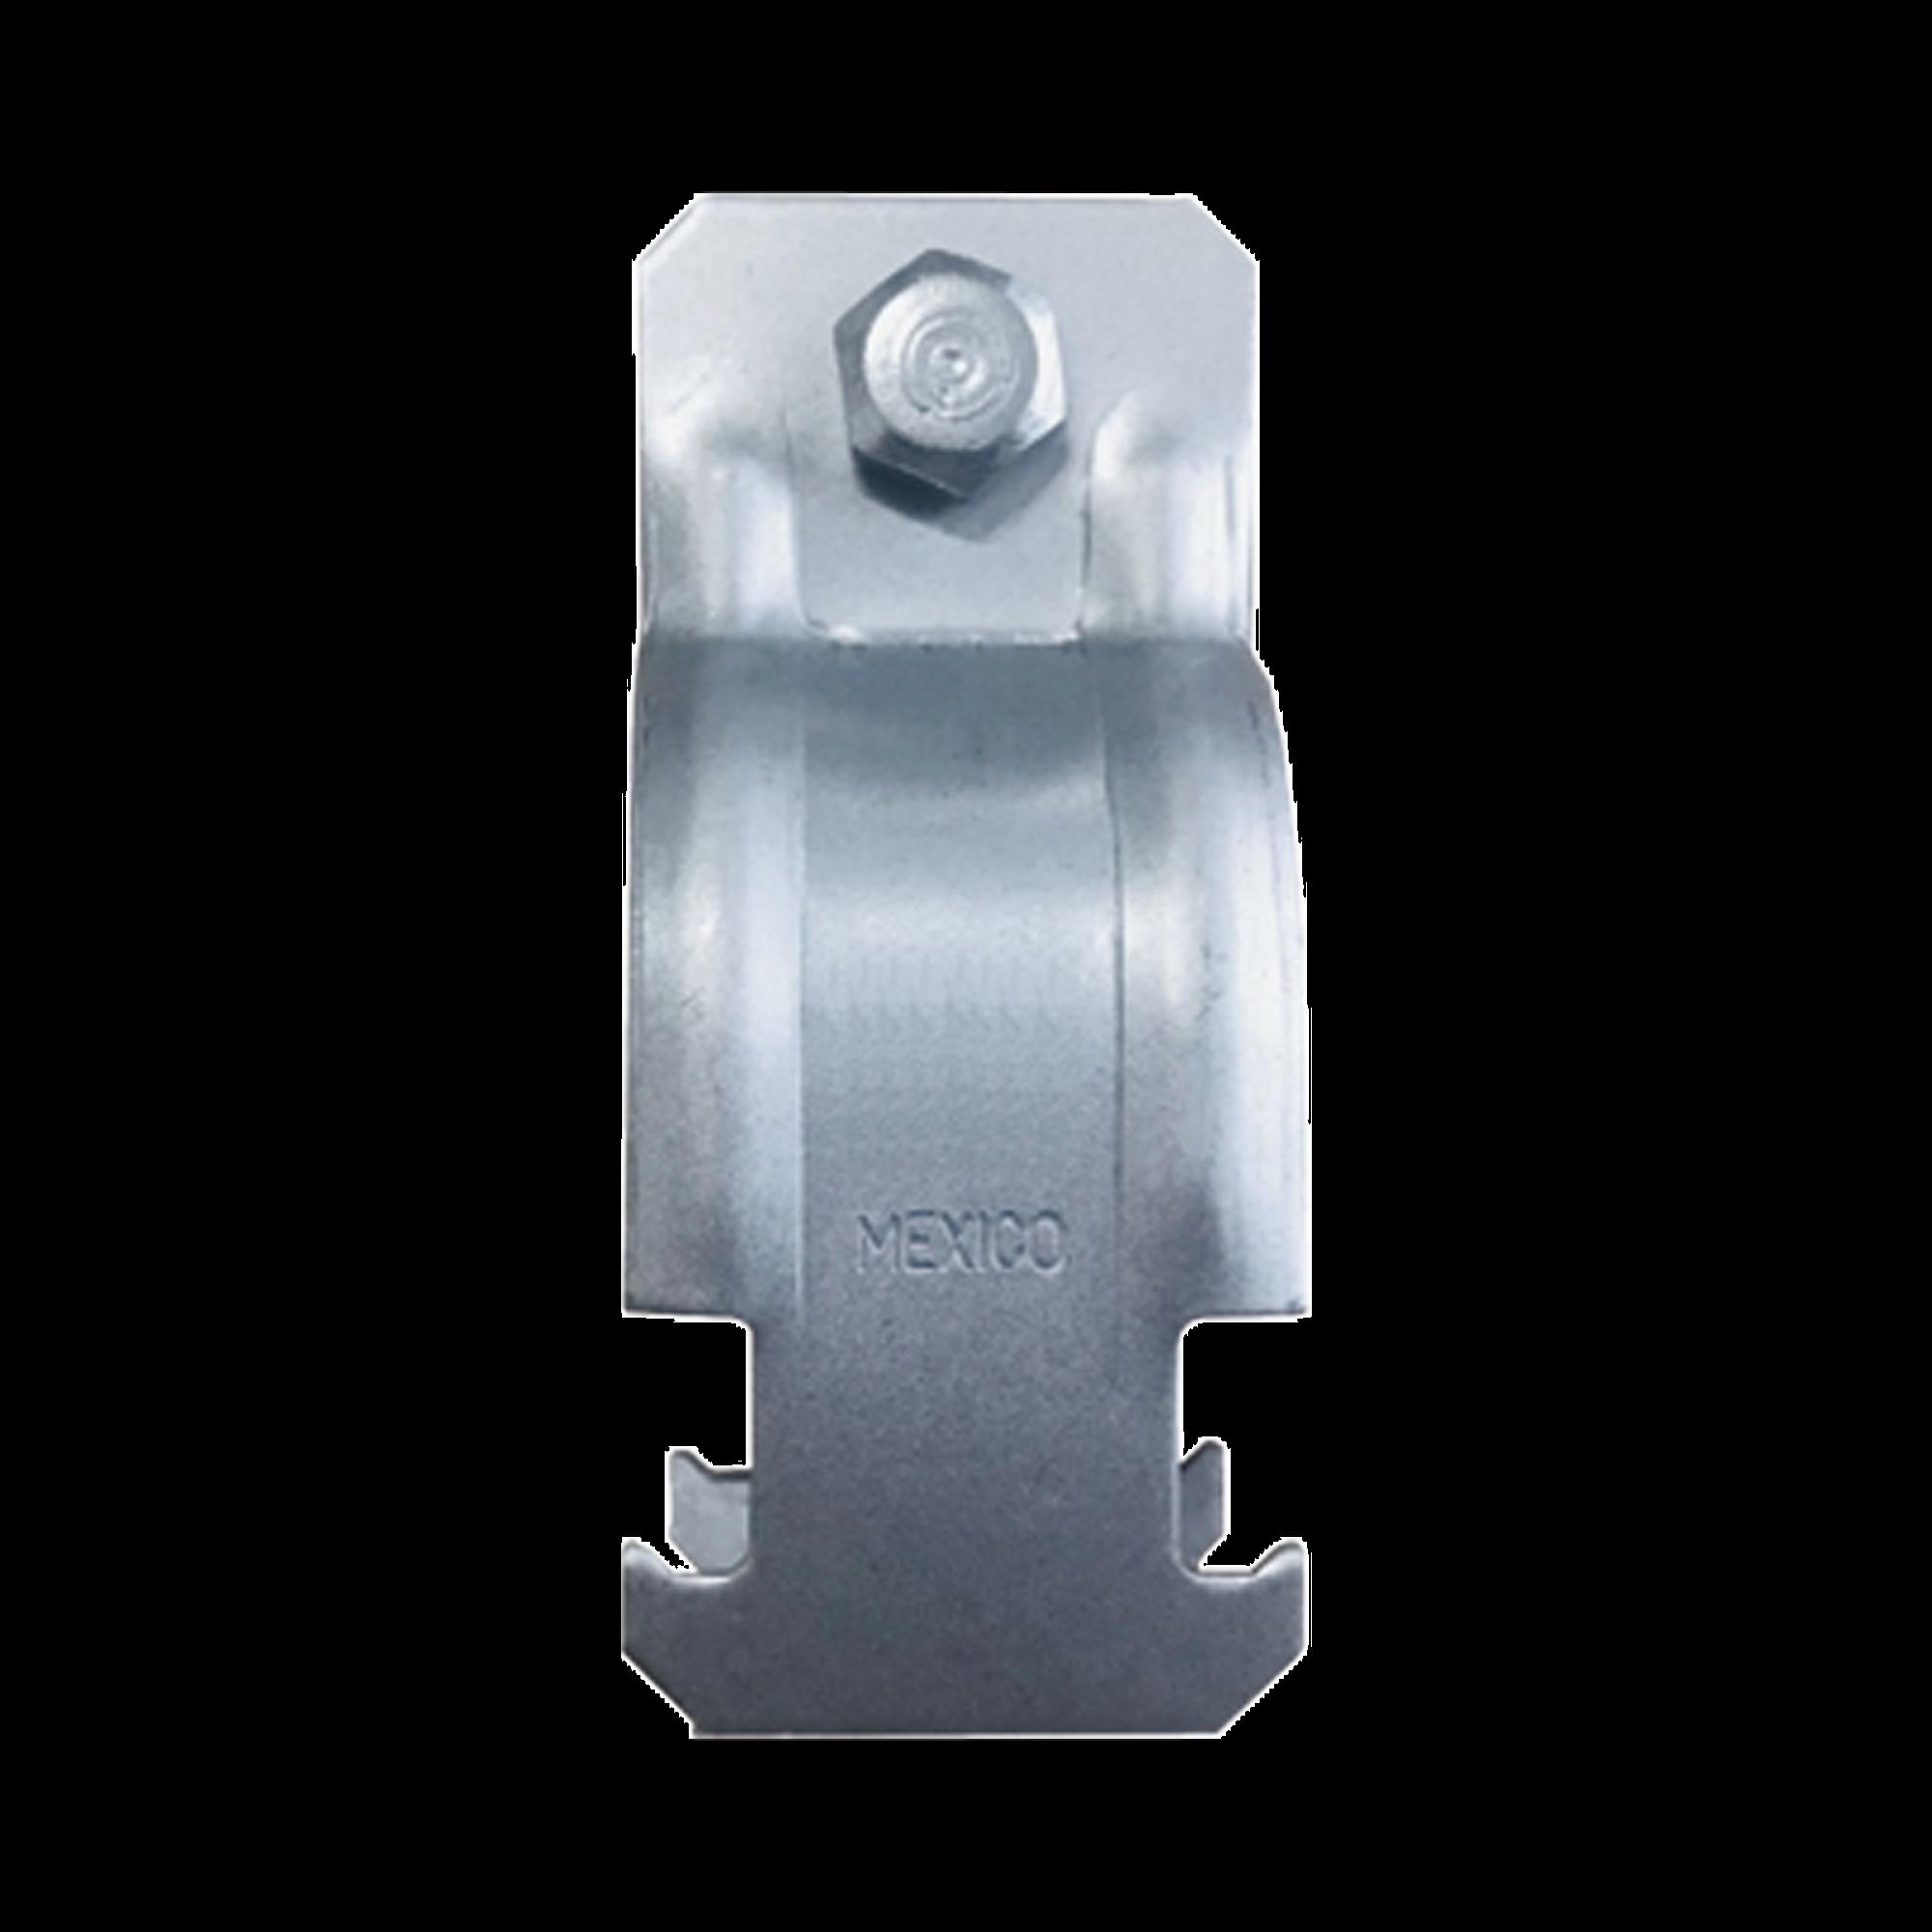 Abrazadera para Unicanal para Tubo Conduit de 1/2 (13 mm).